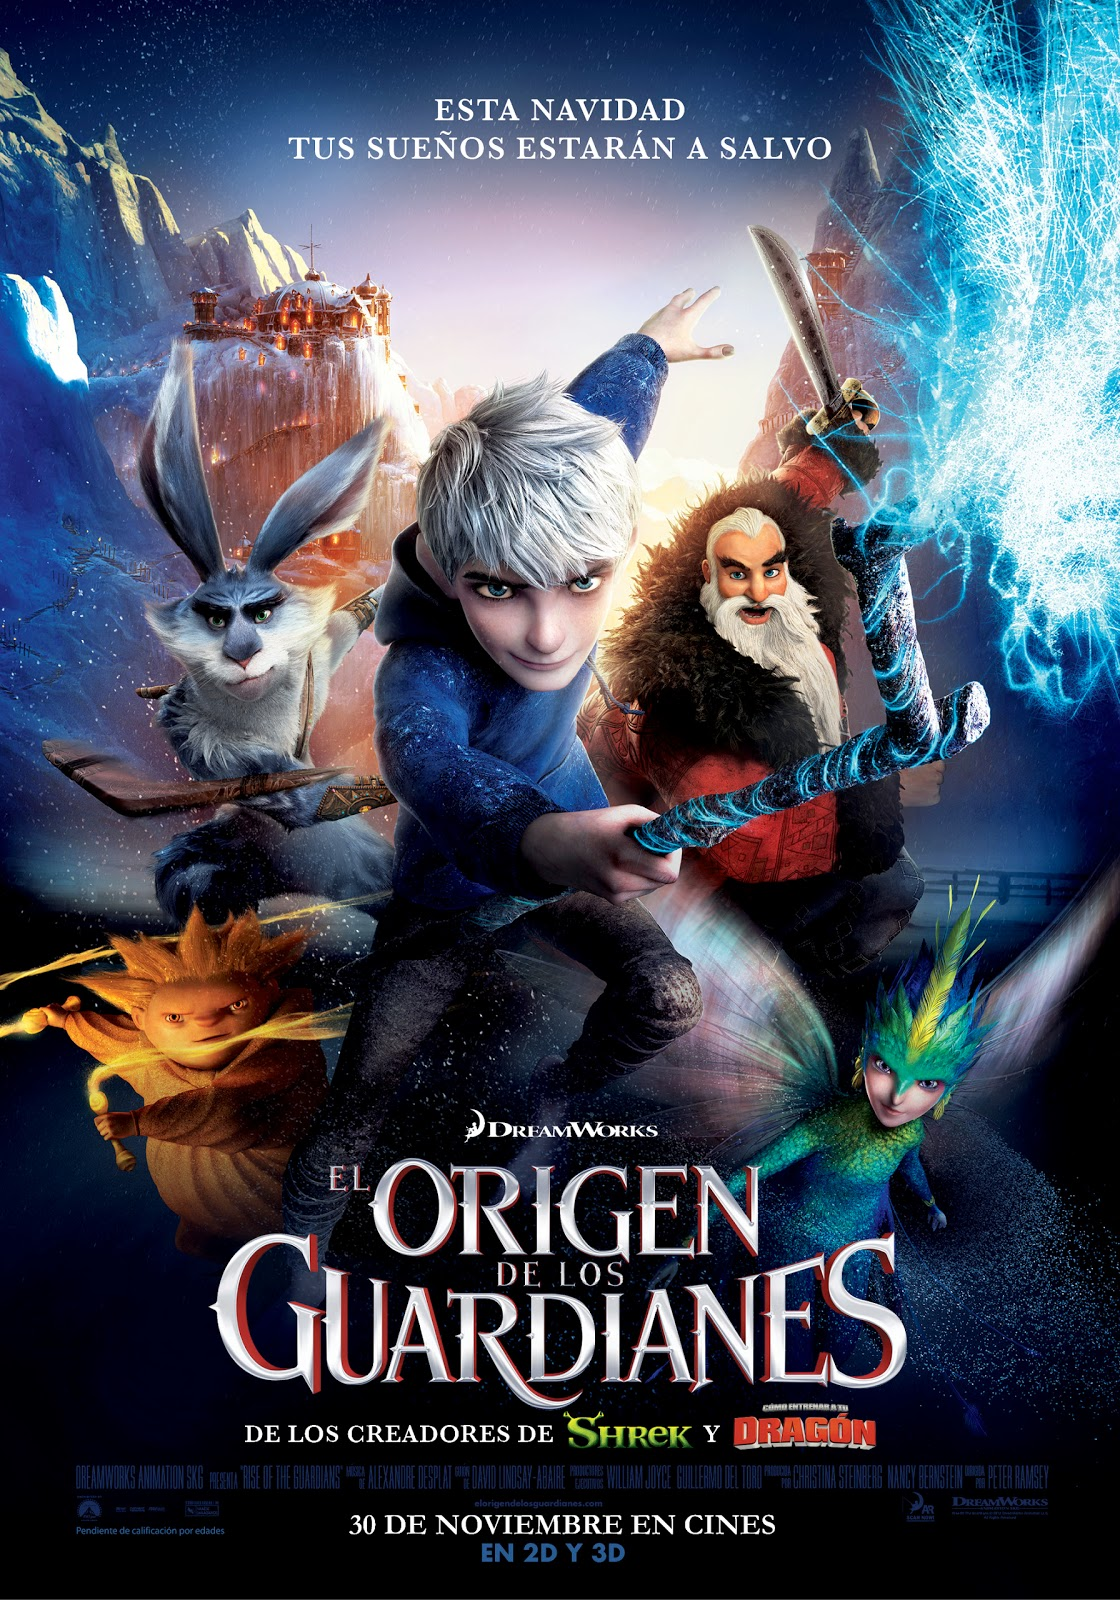 El Origen De Los Guardianes [2012] [Dvdrip] [Latino]